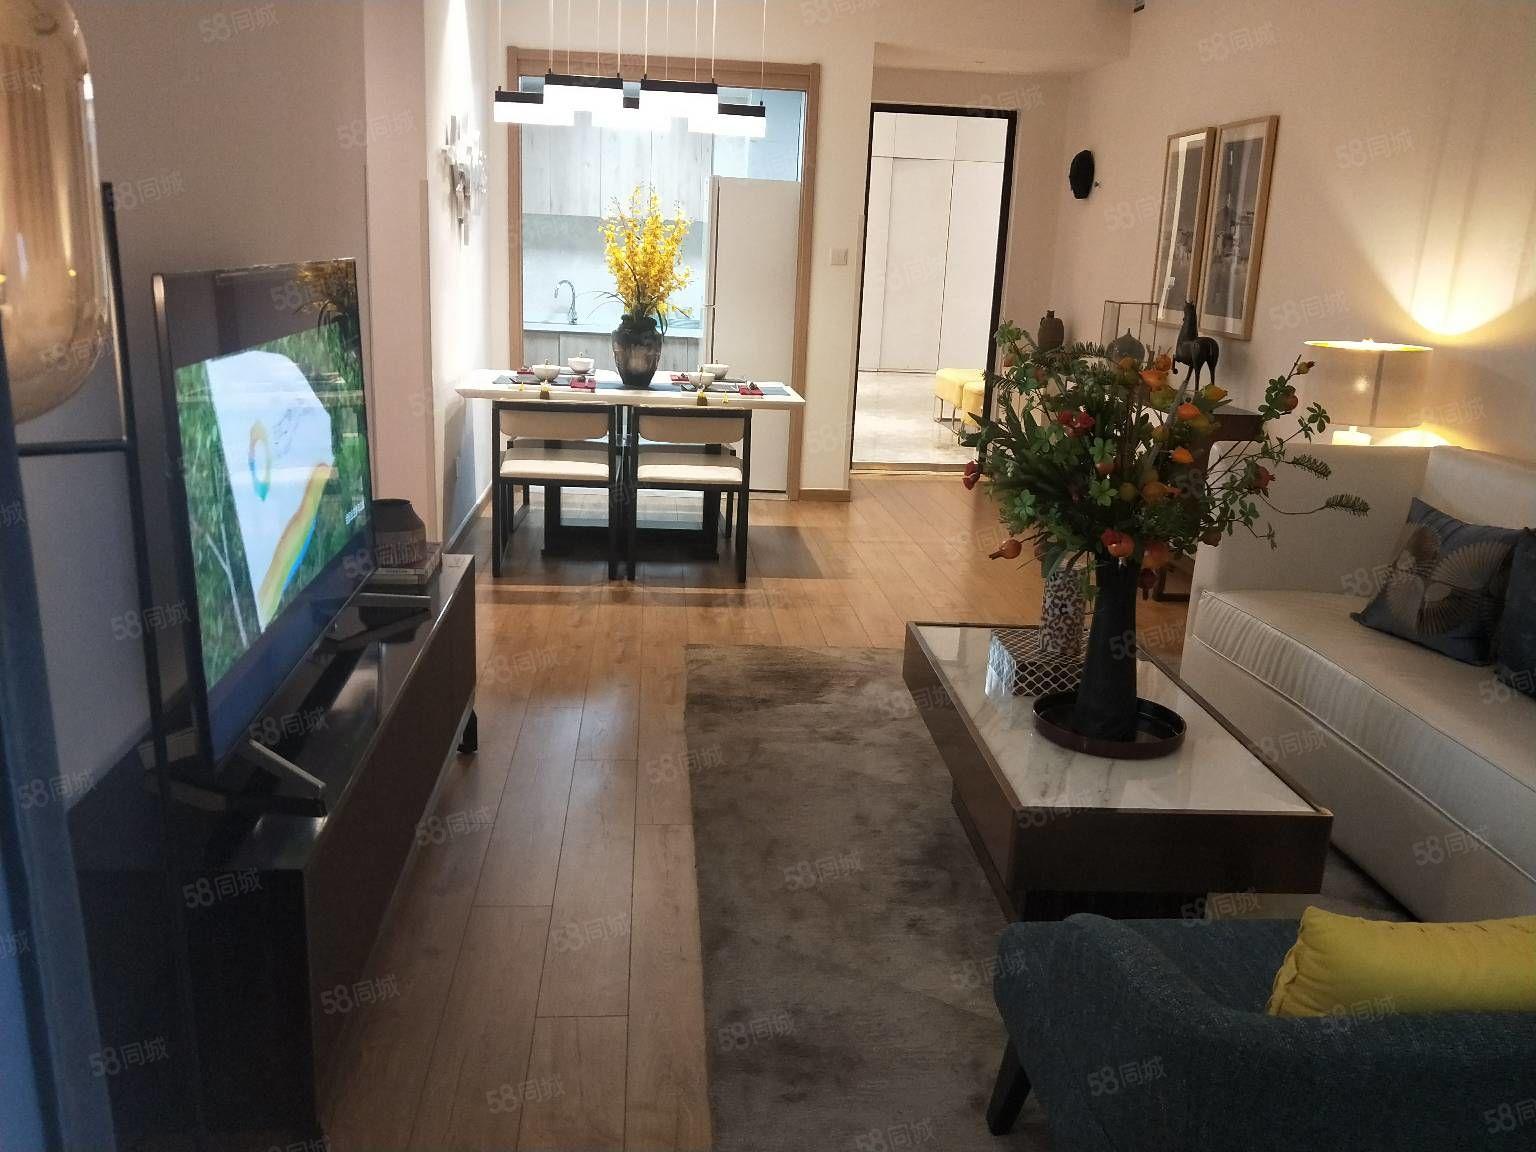 崇州新盘住宅精装修7600买套三2800湿地公园旁边看房接送